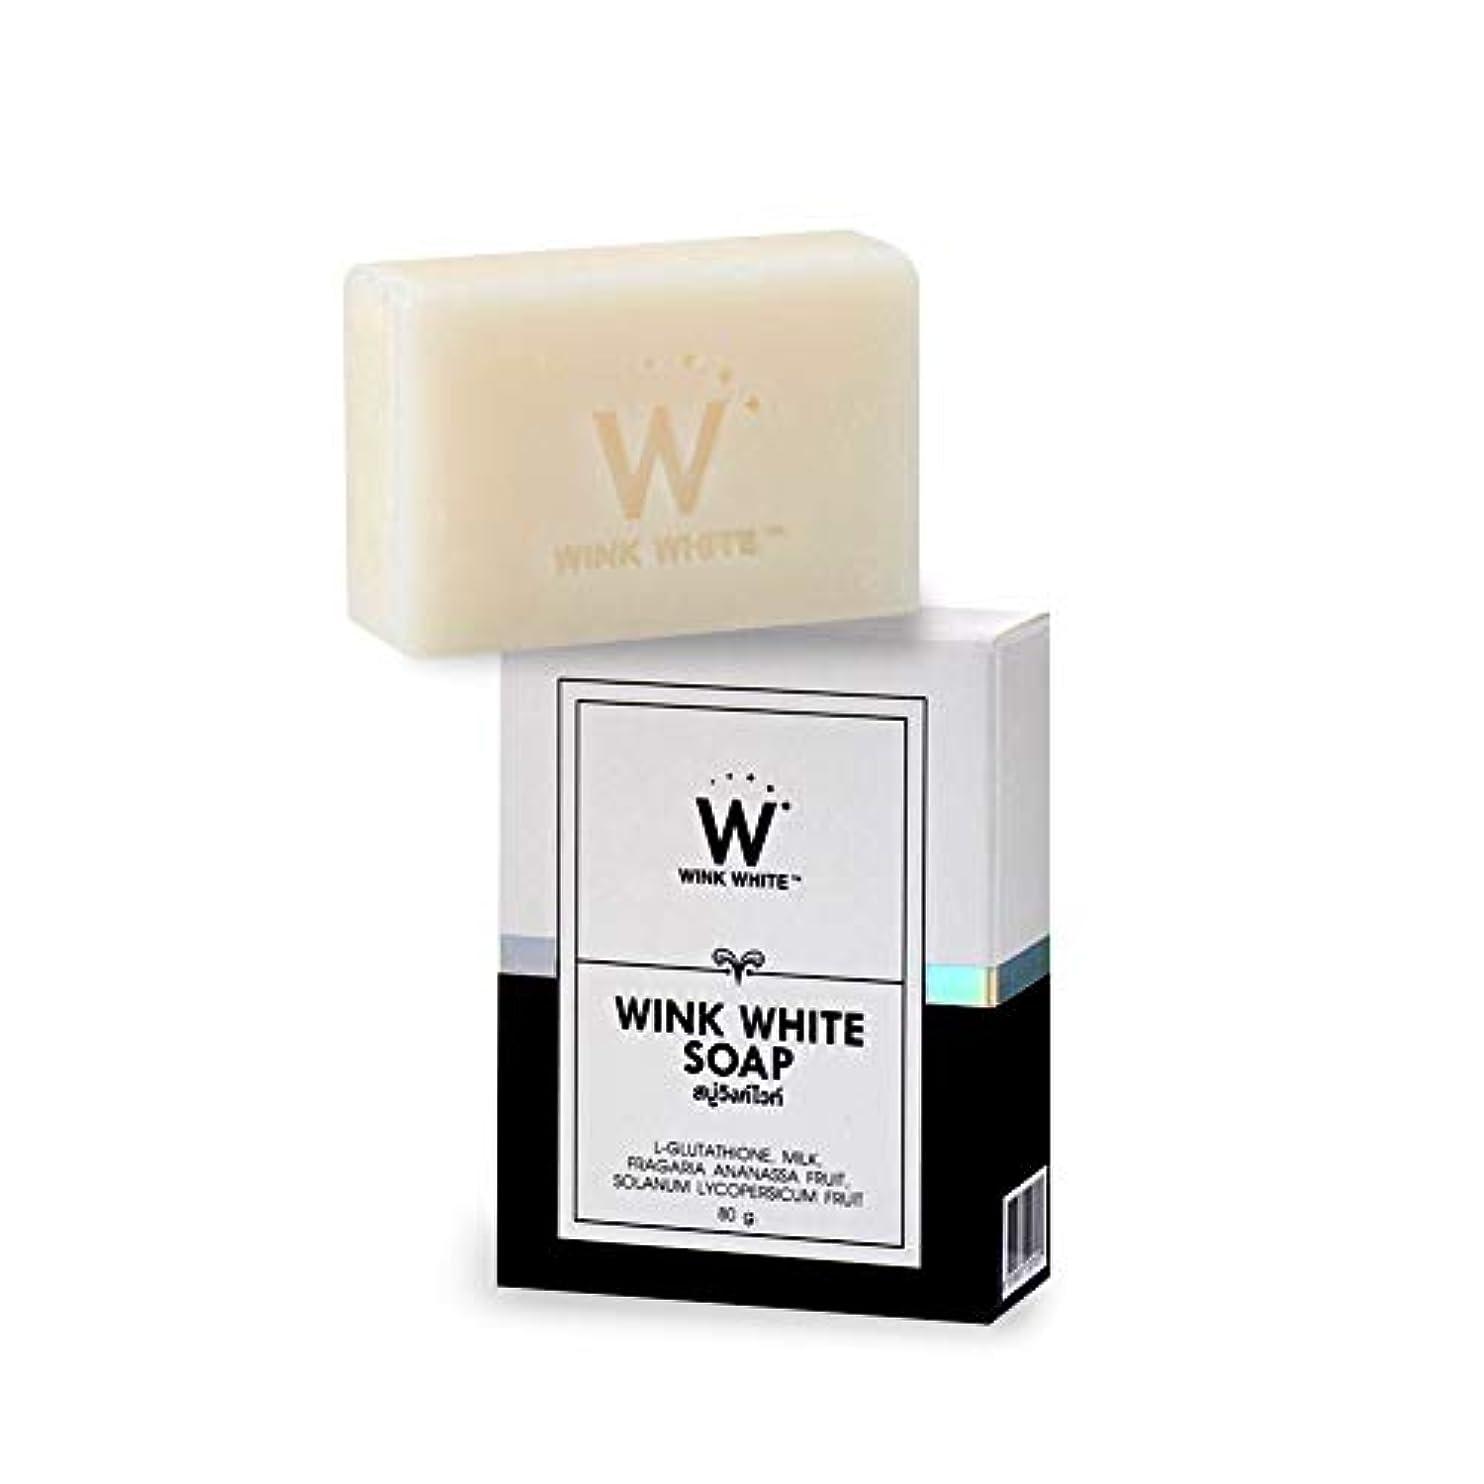 奇妙なを除く熱望するMangos Teen White Soap Base Wink White Soap Gluta Pure Skin Body Whitening Strawberry for Whitening Skin All Natural...